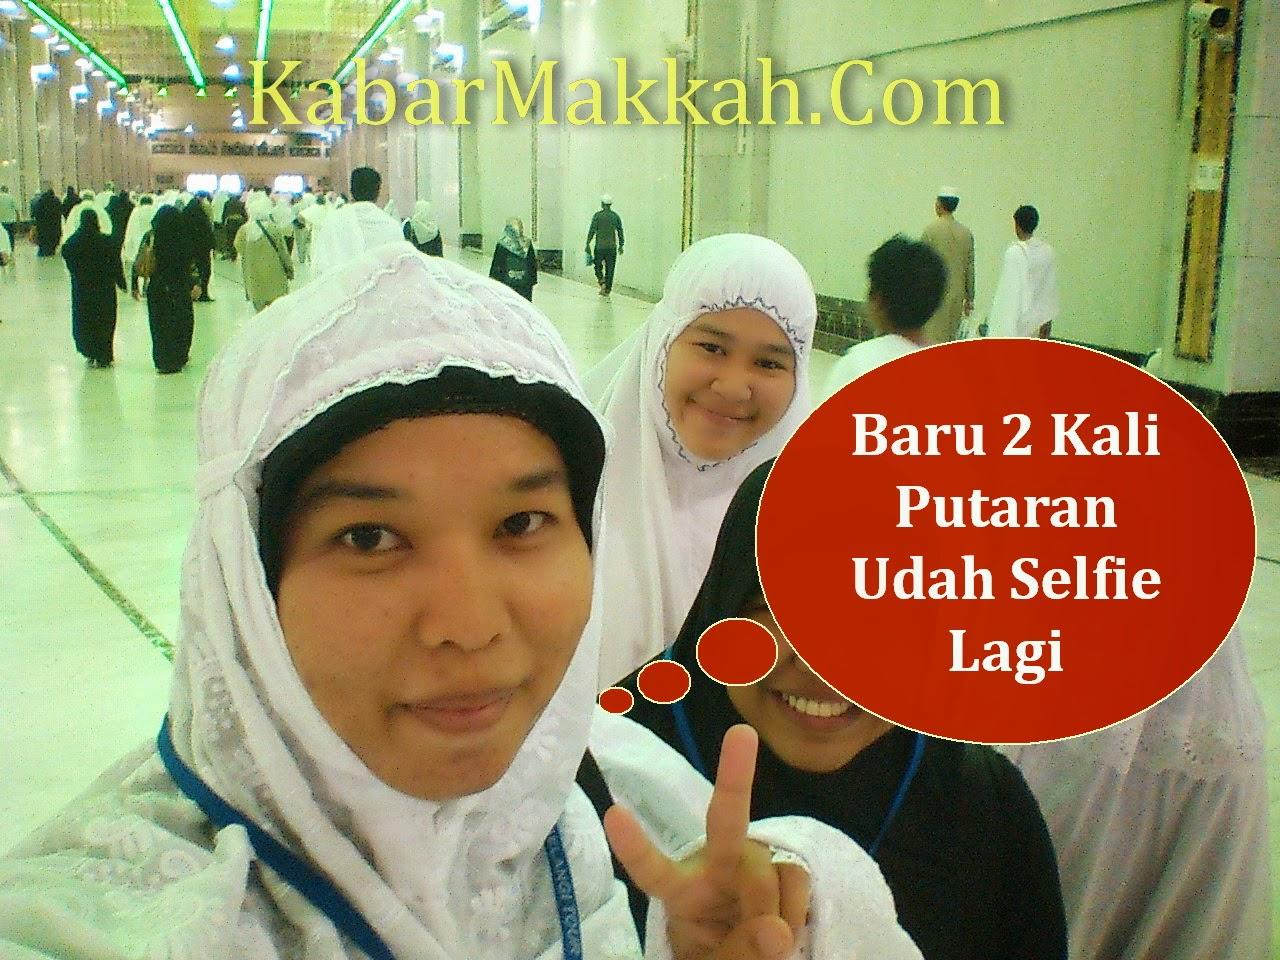 11 Tempat Favorit Untuk Selfie Di Tanah Suci Info Makkah